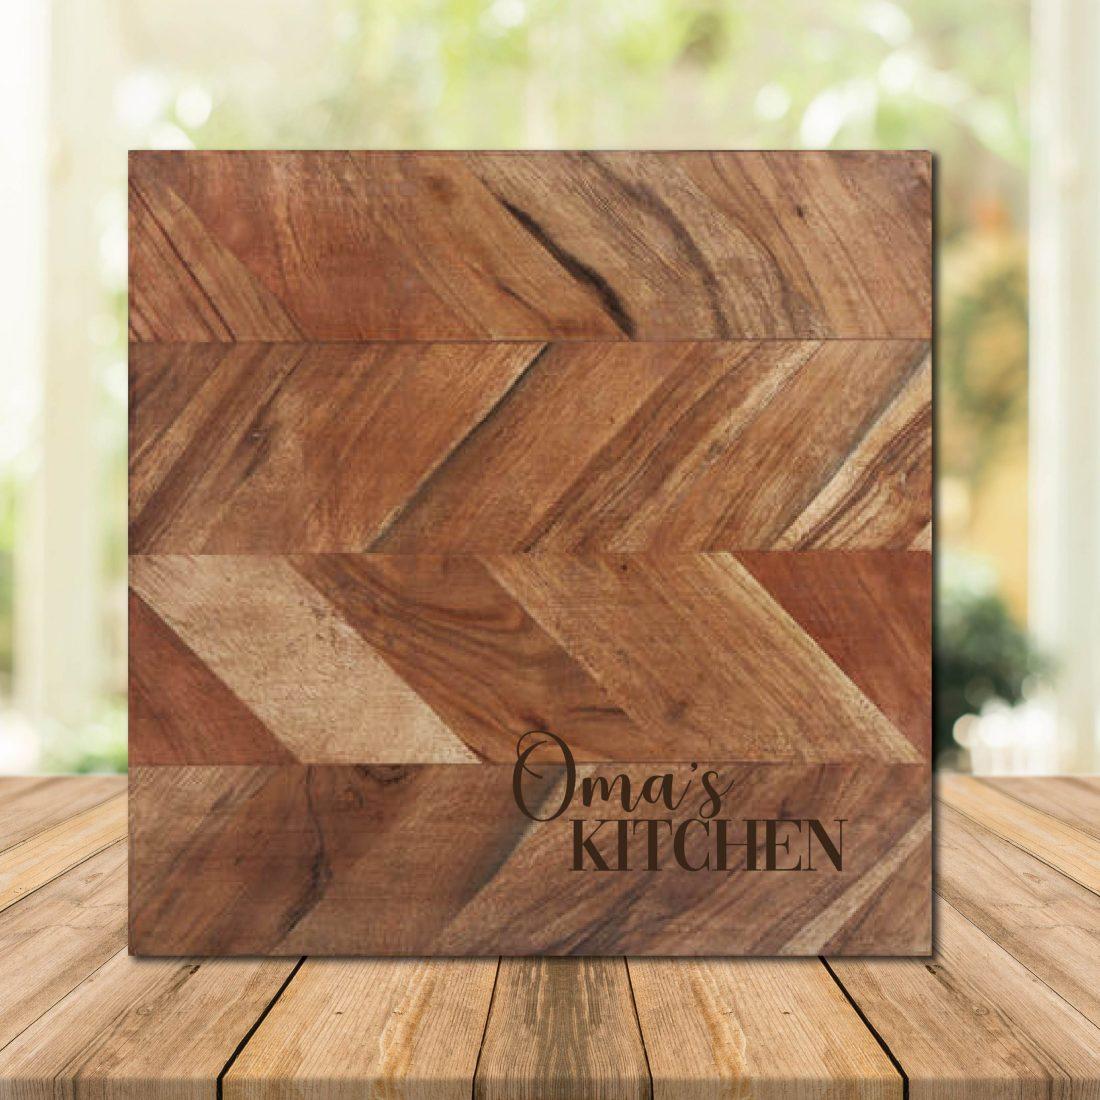 Oma's KITCHEN Chopping Board